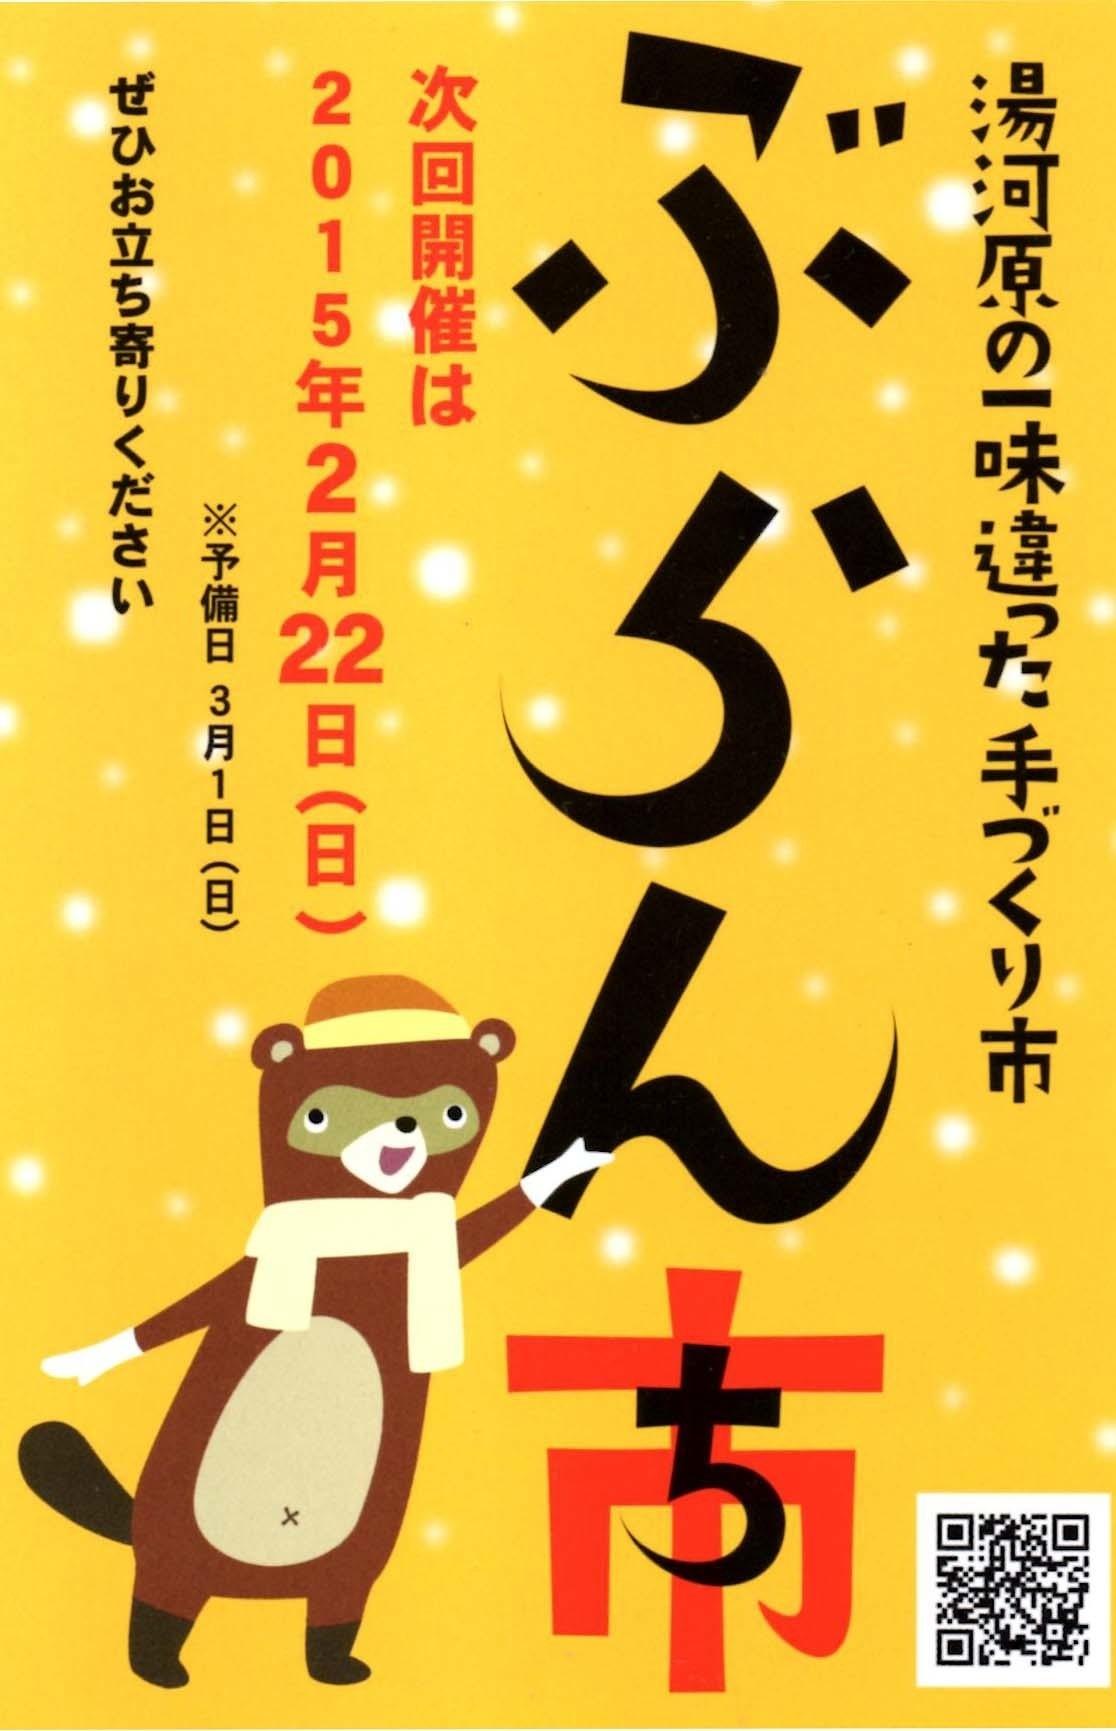 【明日20日 緊急開催!】カードゲーム「サンゴク」大会 @ゲームカフェ・バー「ナインティ」